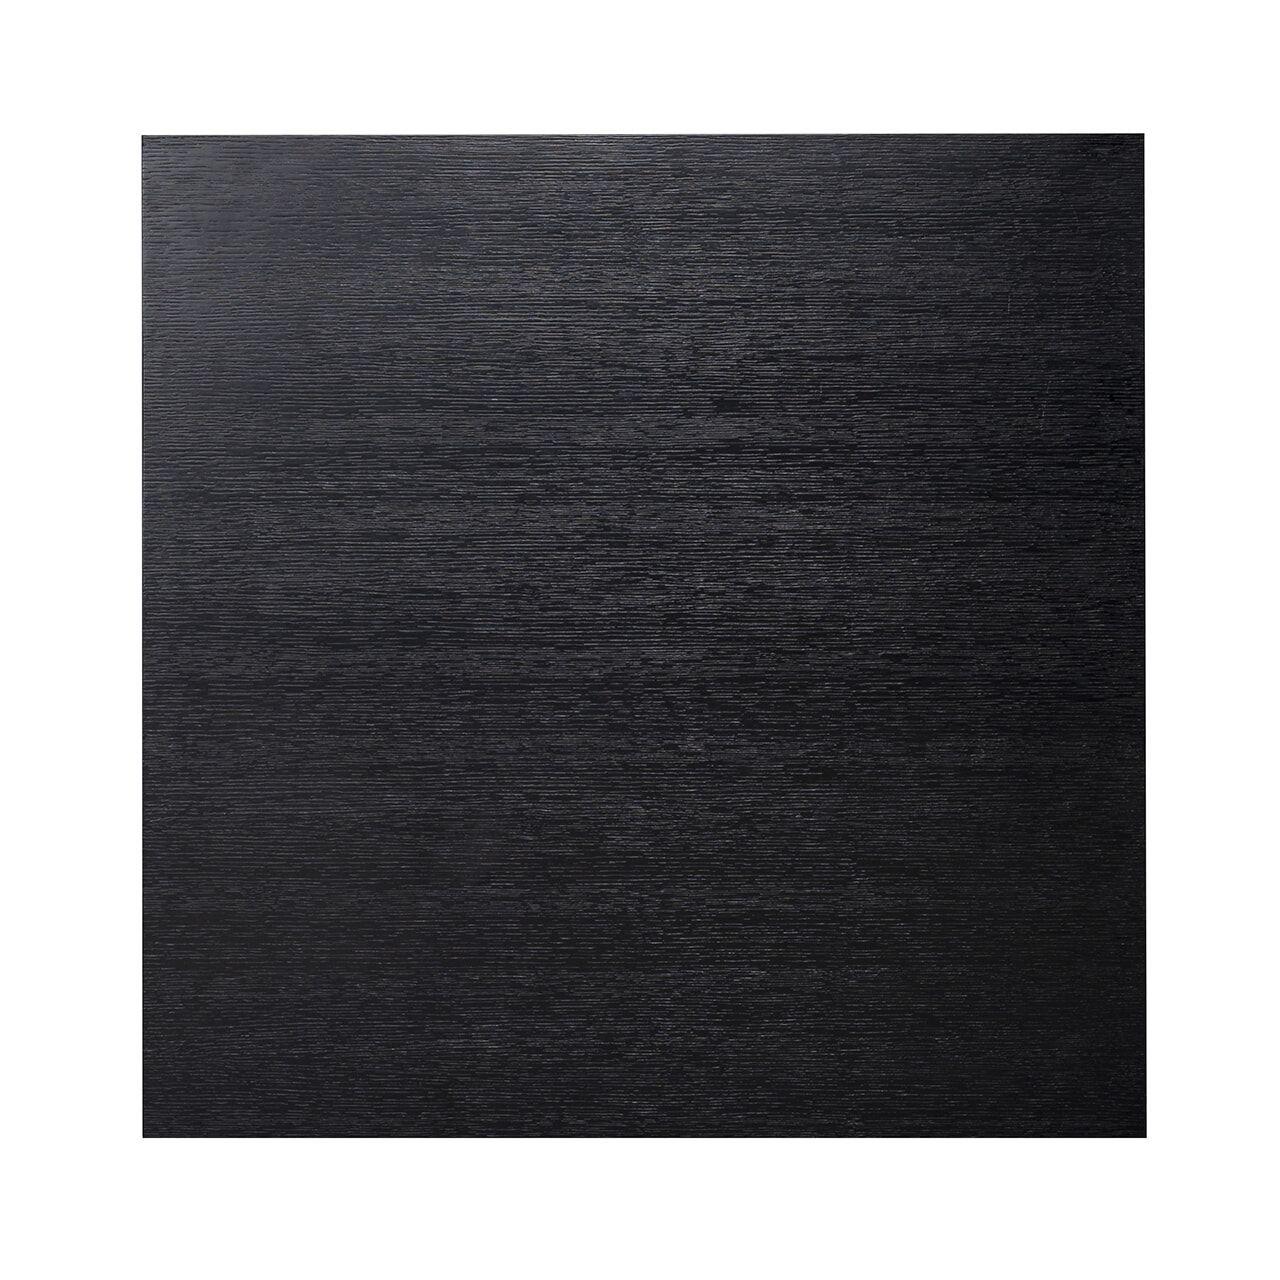 Richmond Salontafel 'Oakura' Eikenhout, kleur Zwart, 90 x 90cm